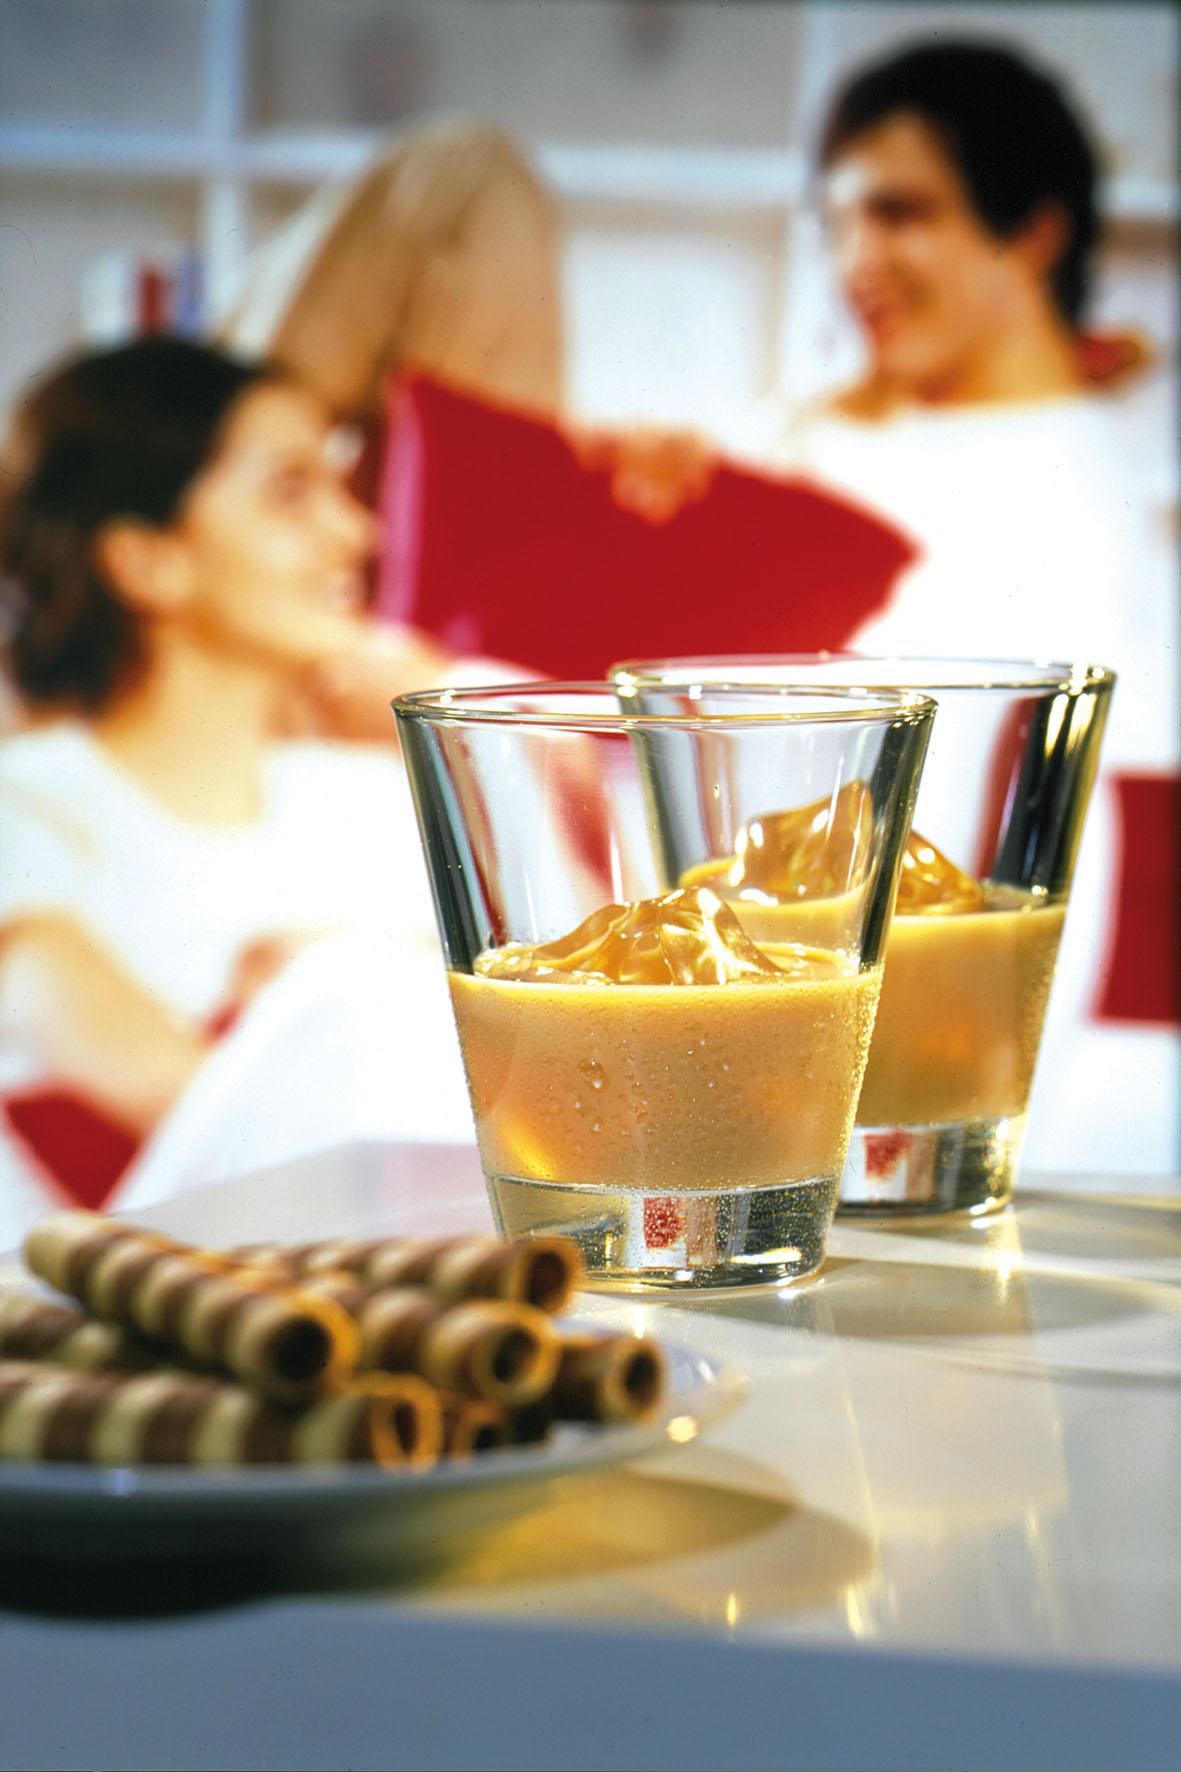 Zum Dessert darf es gern ein Likör mit lieblichem Aroma sein.